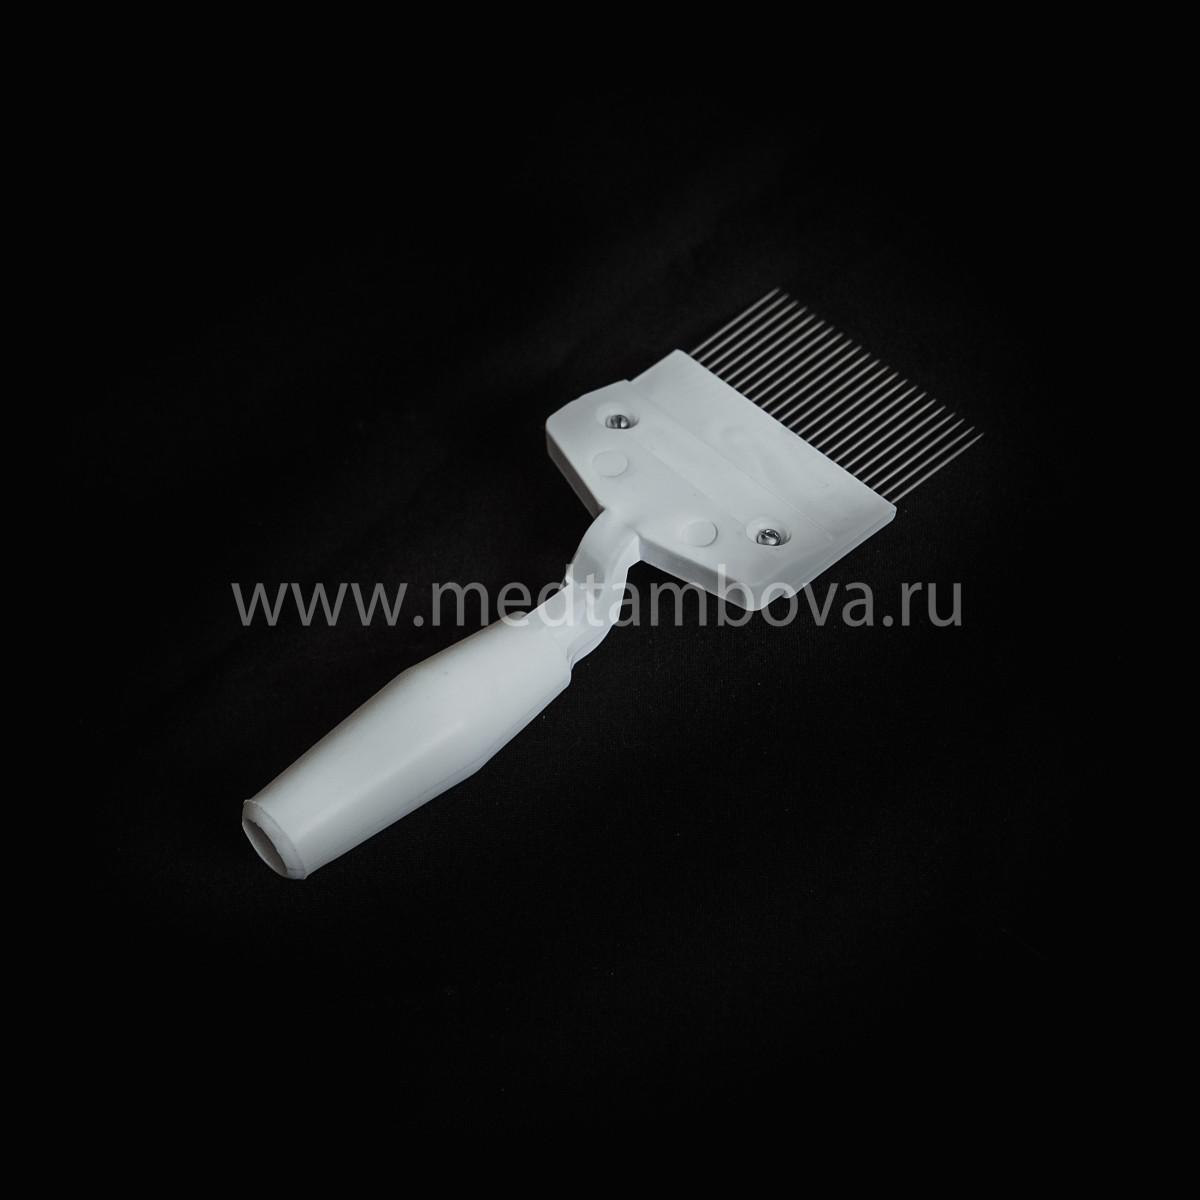 Вилка игла прямая ручка полистирол 23 иглы белая